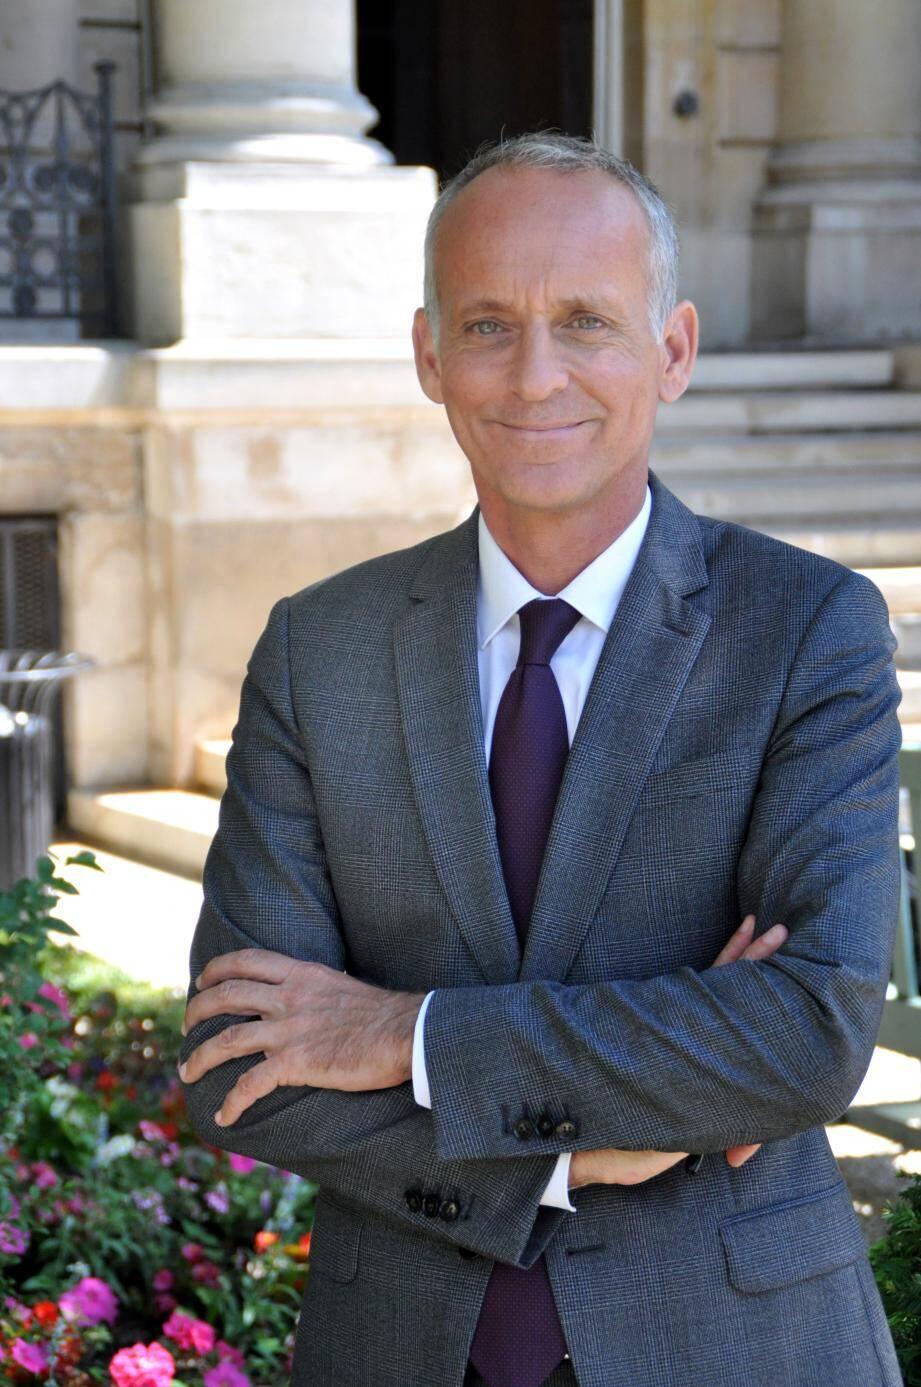 Celui qui est encore maire de Vence a pris ses fonctions, hier, au Palais Bourbon.